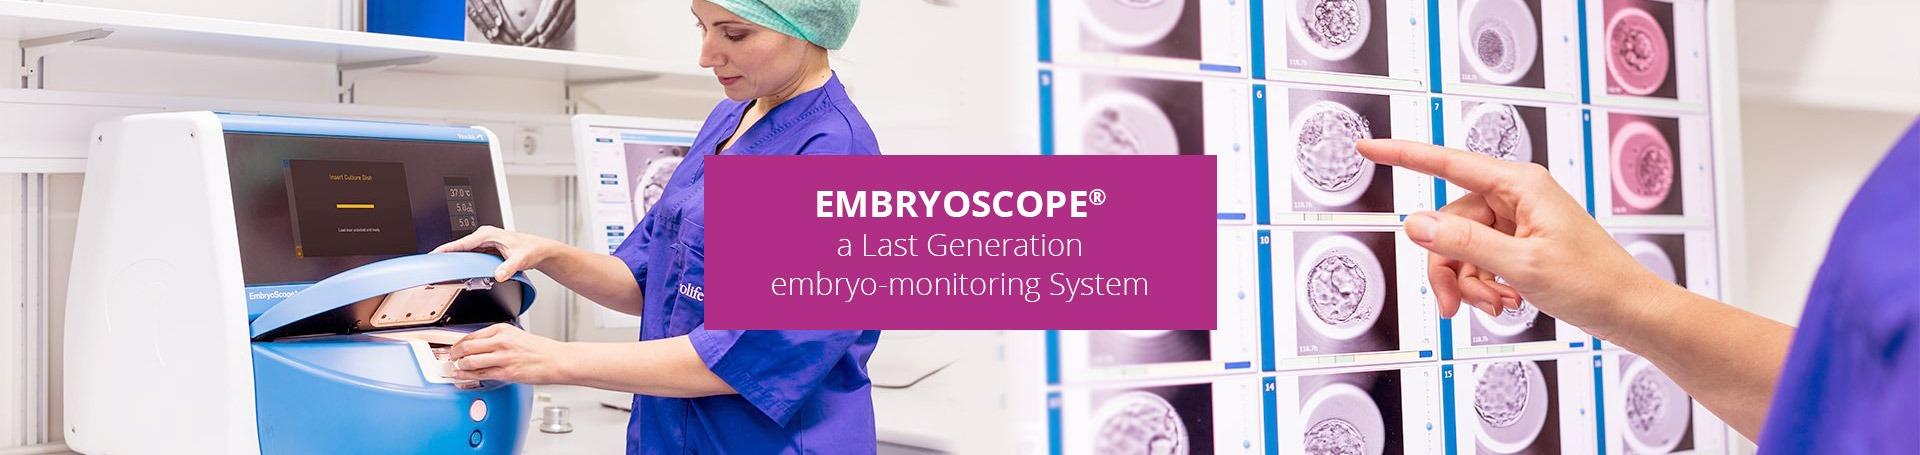 slider-embrycope-EN